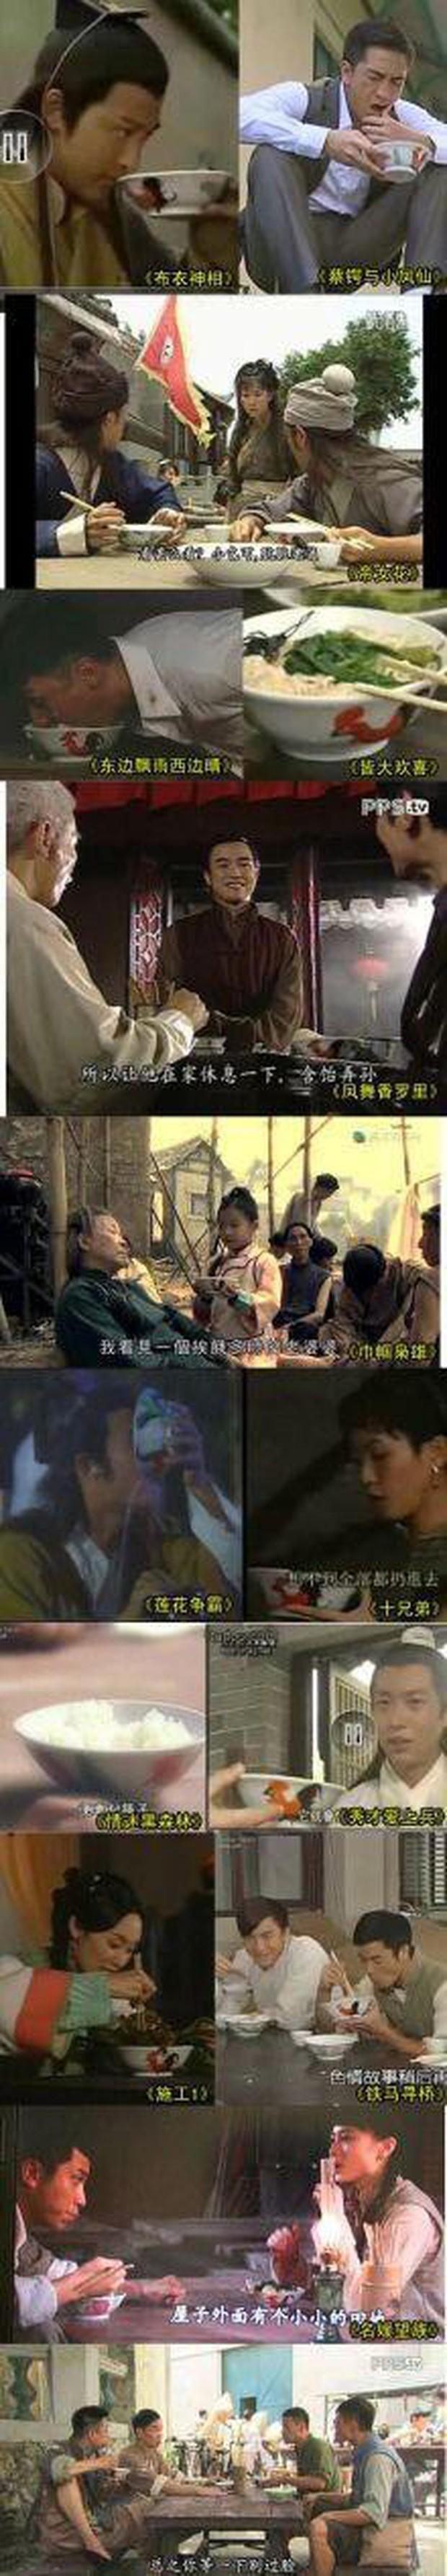 Thế giới mà tiết kiệm như TVB thì khỏi cần đau đầu vì rác nhựa: Dùng cái tô đạo cụ chục năm đến mẻ vẫn không đổi! - Ảnh 10.